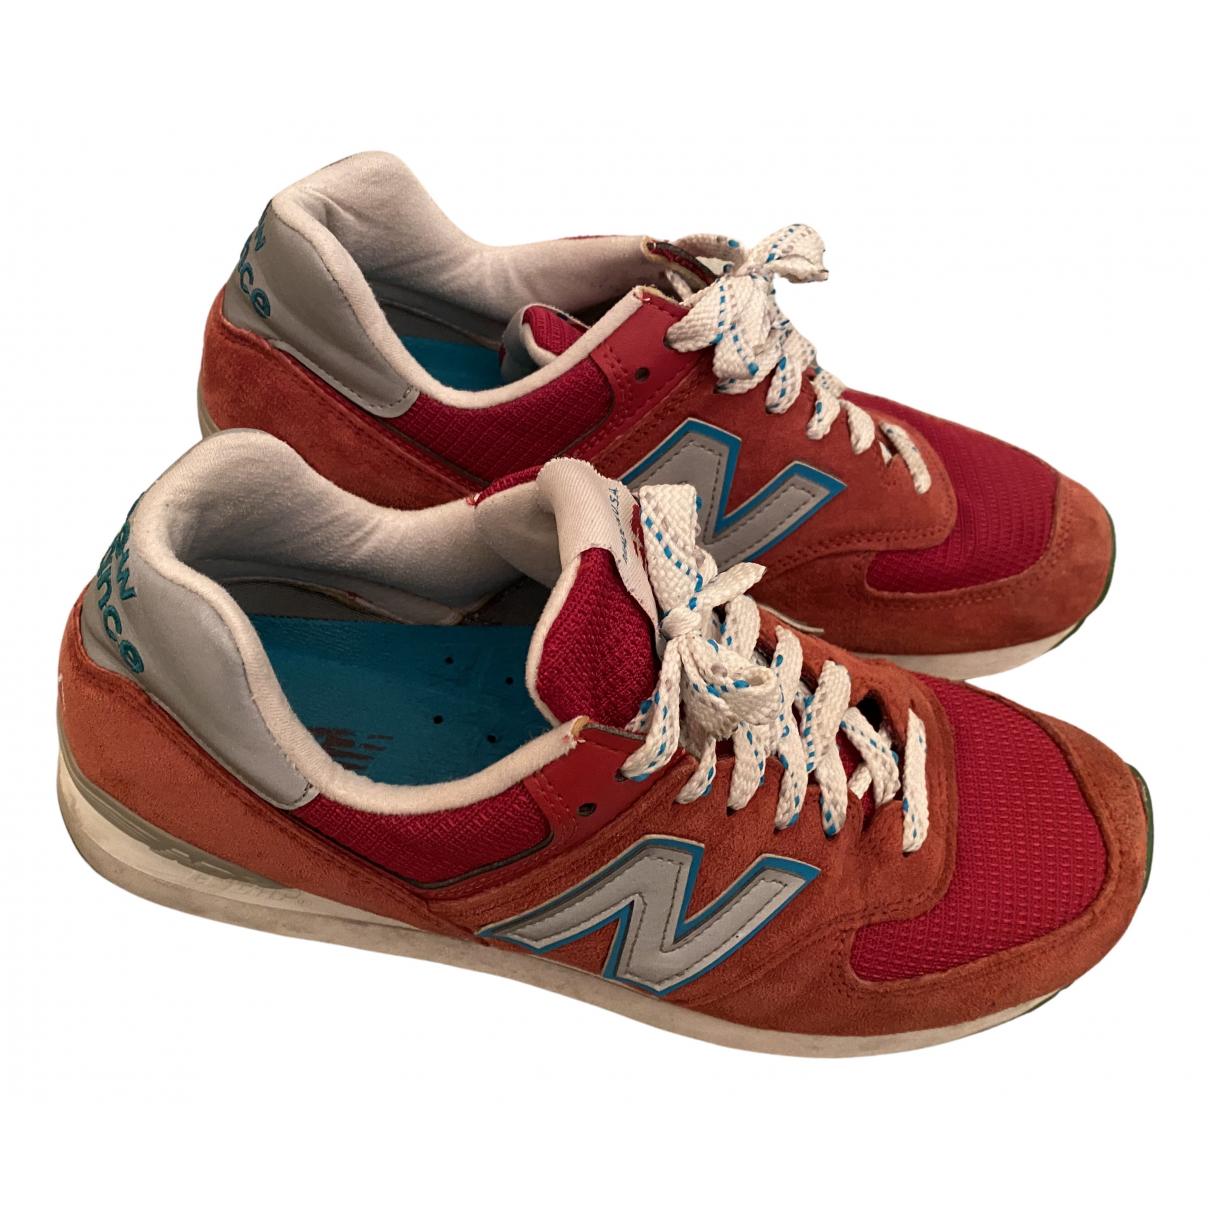 New Balance - Baskets   pour homme en autre - rouge